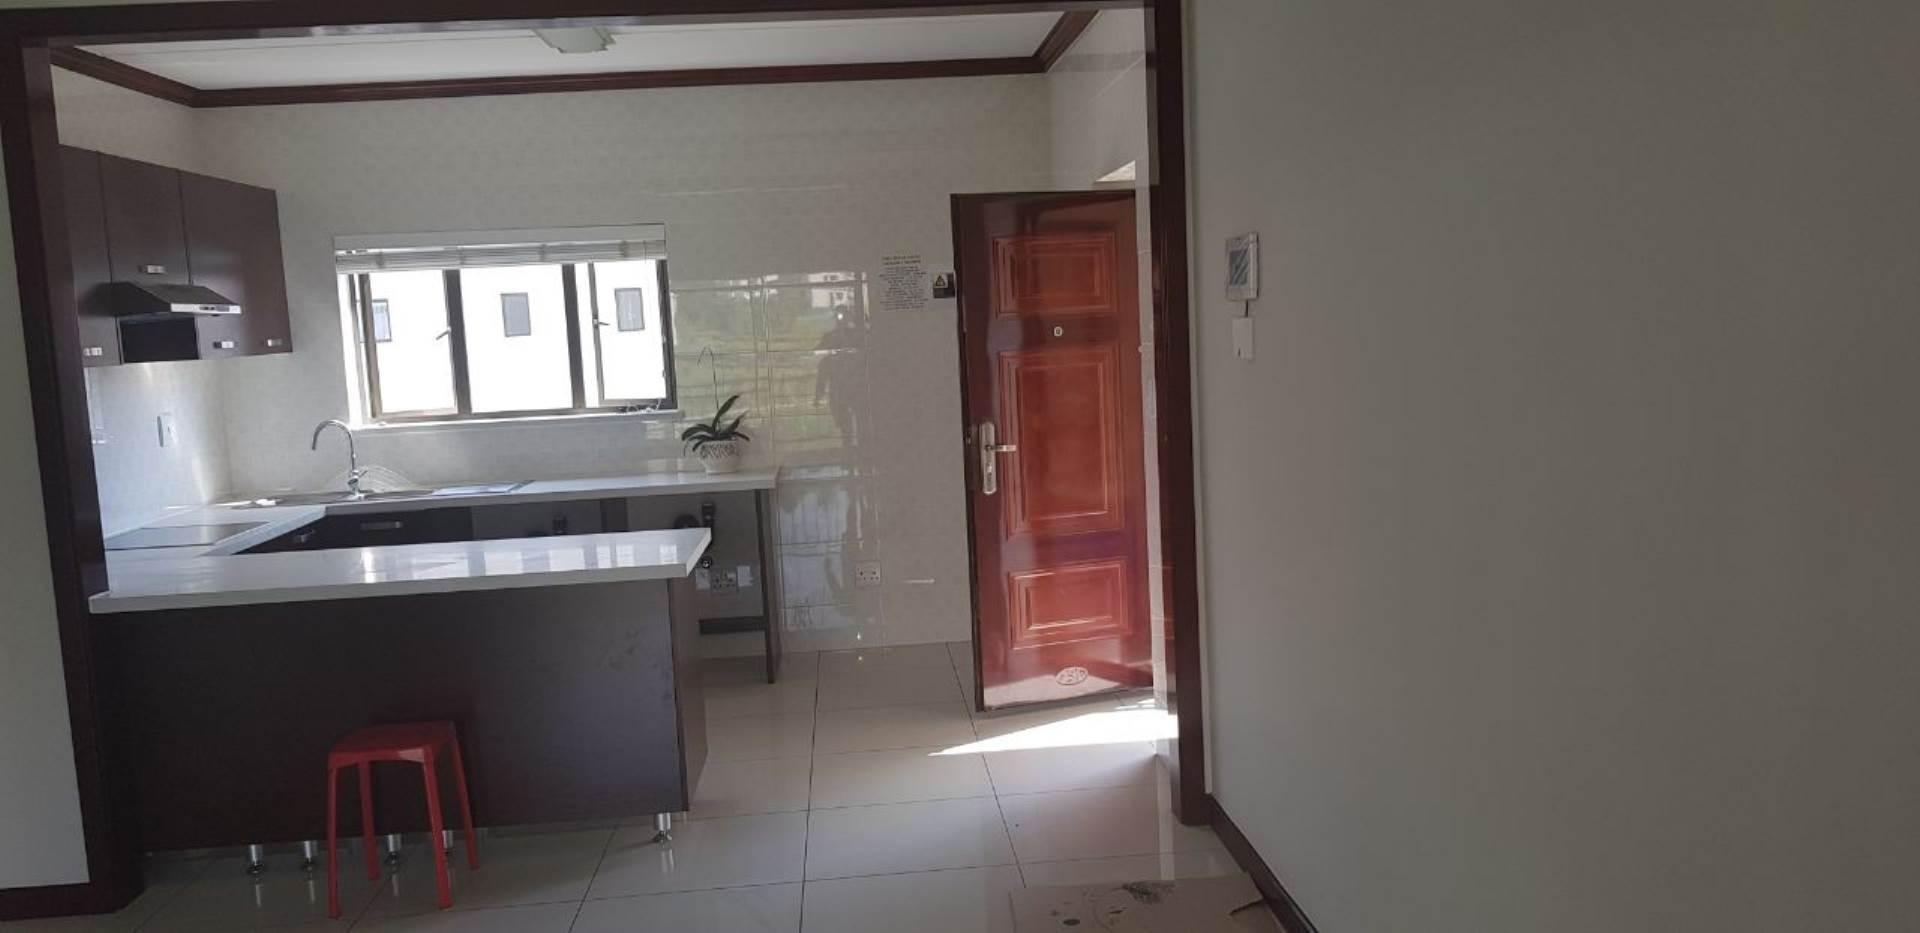 2 BedroomApartment To Rent In Summerset